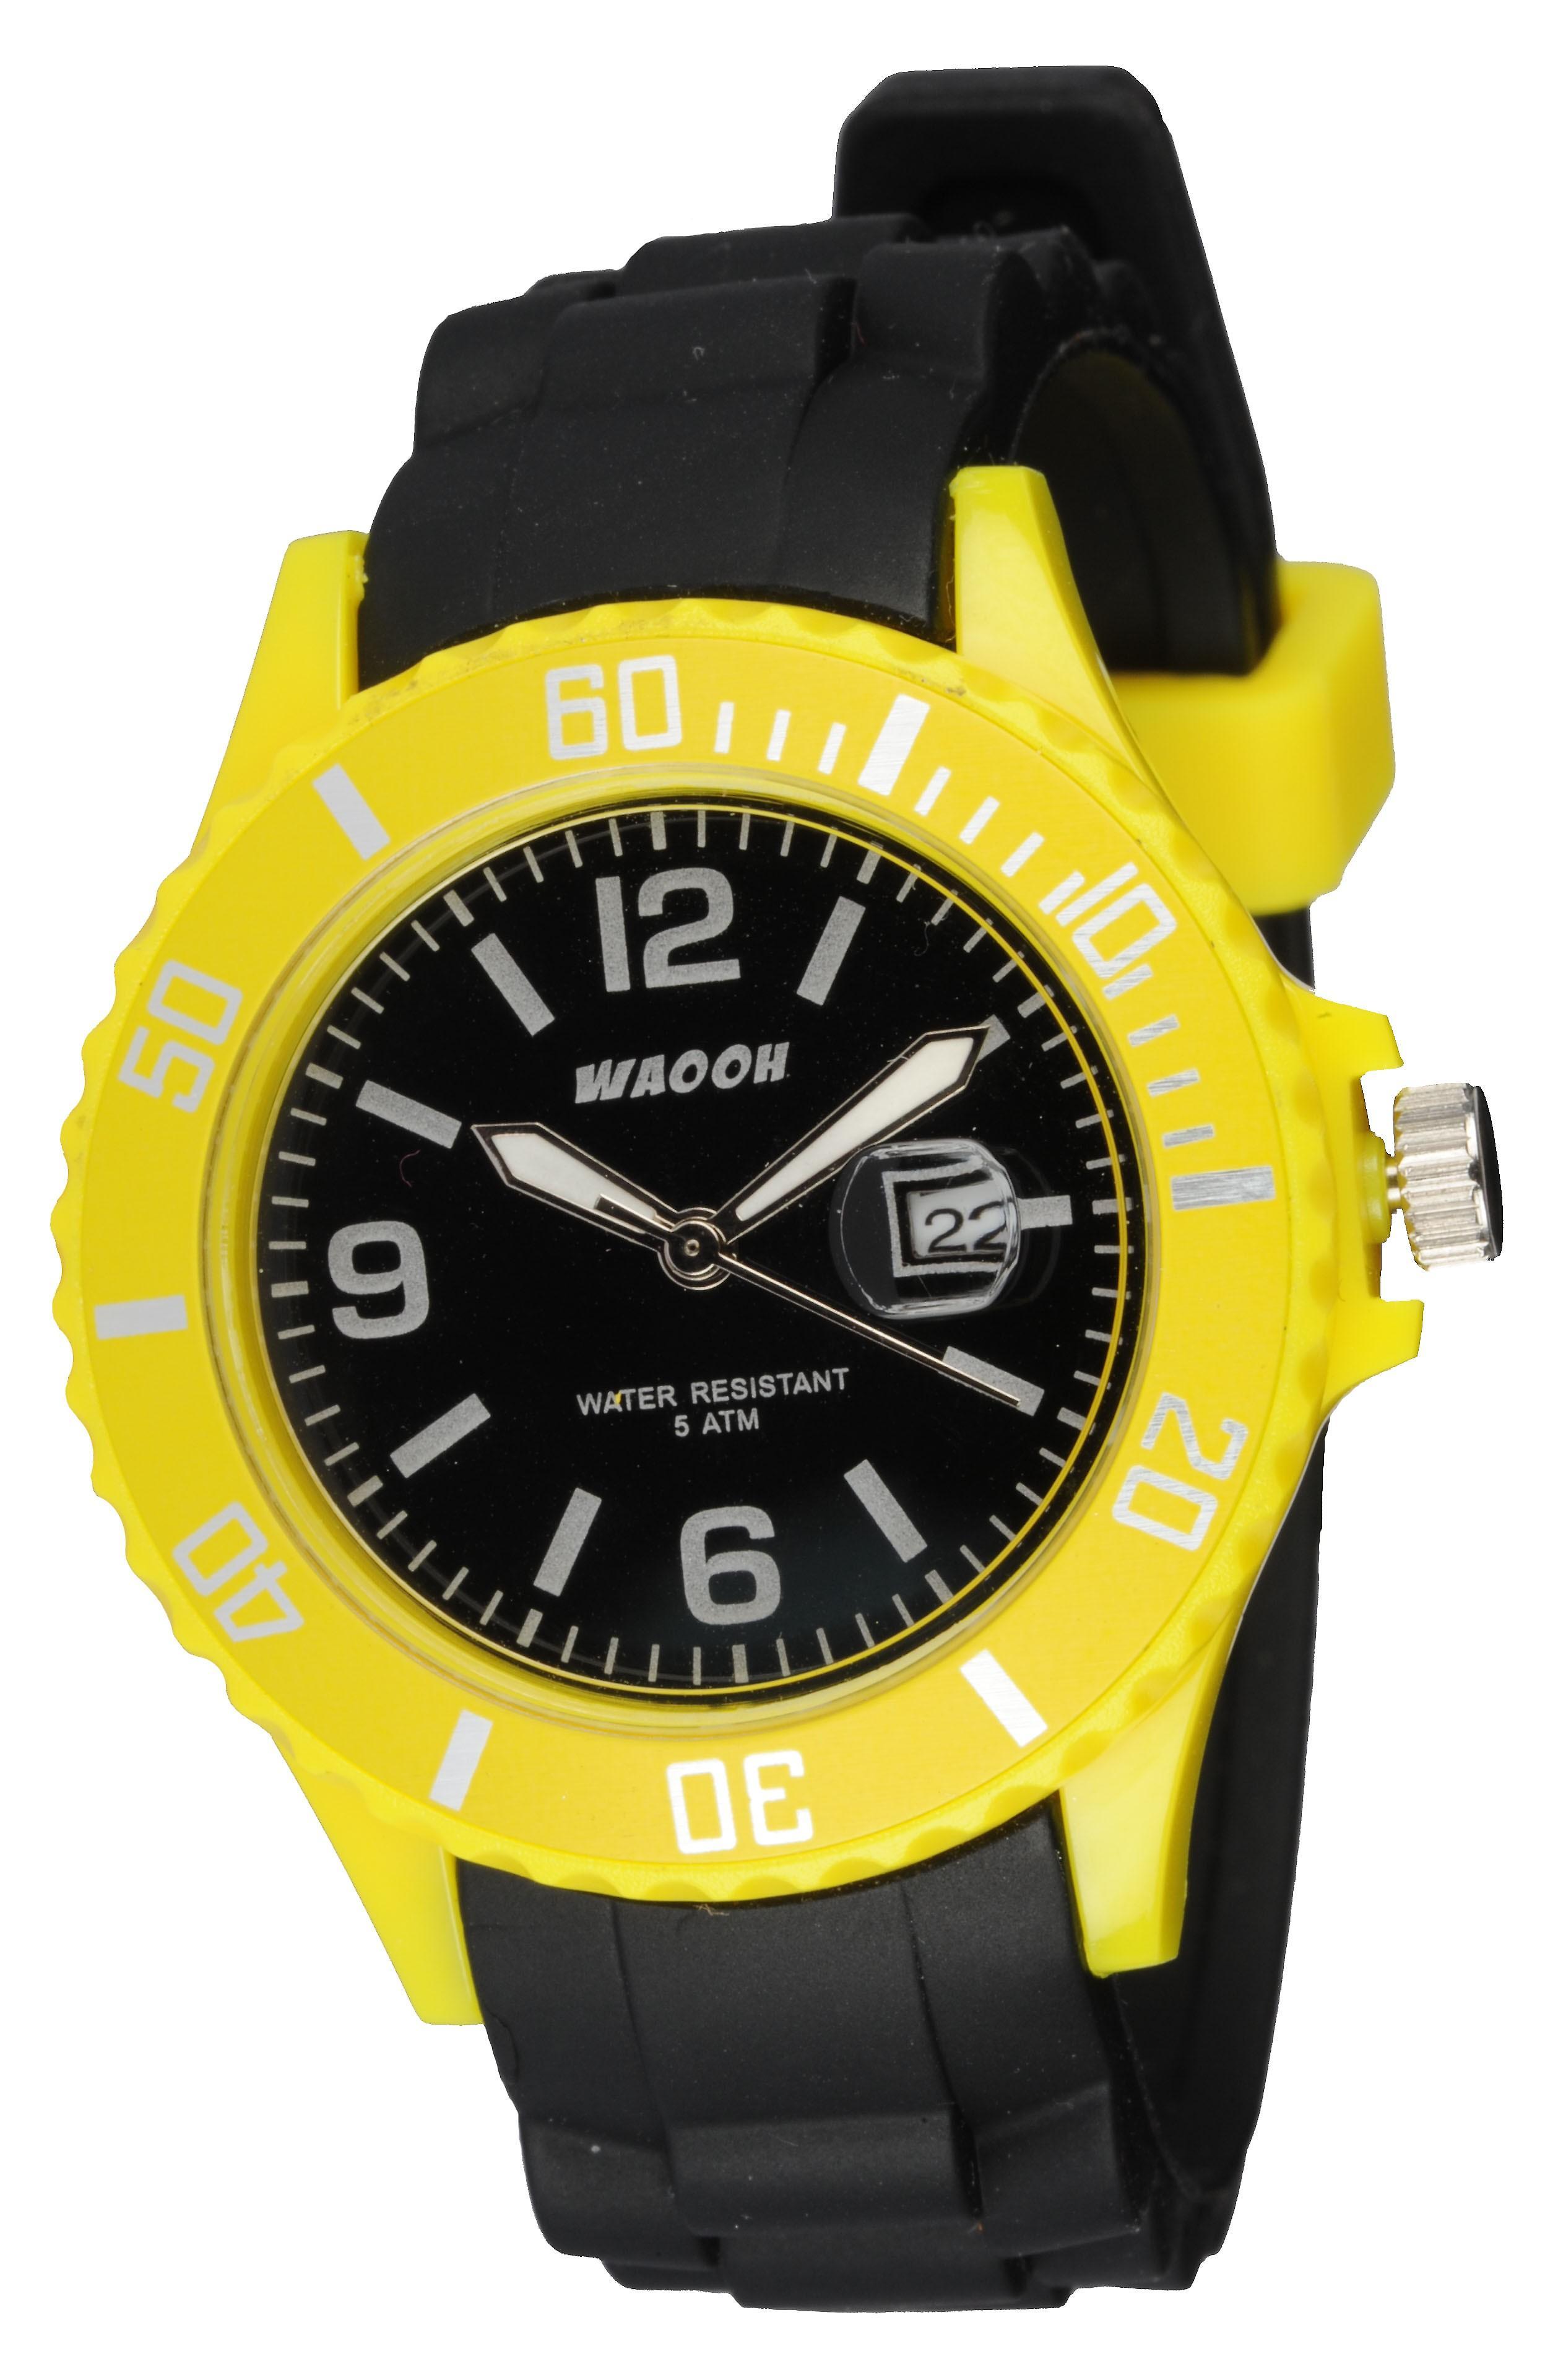 Waooh - Watches - Waooh Monaco38 Bicolore